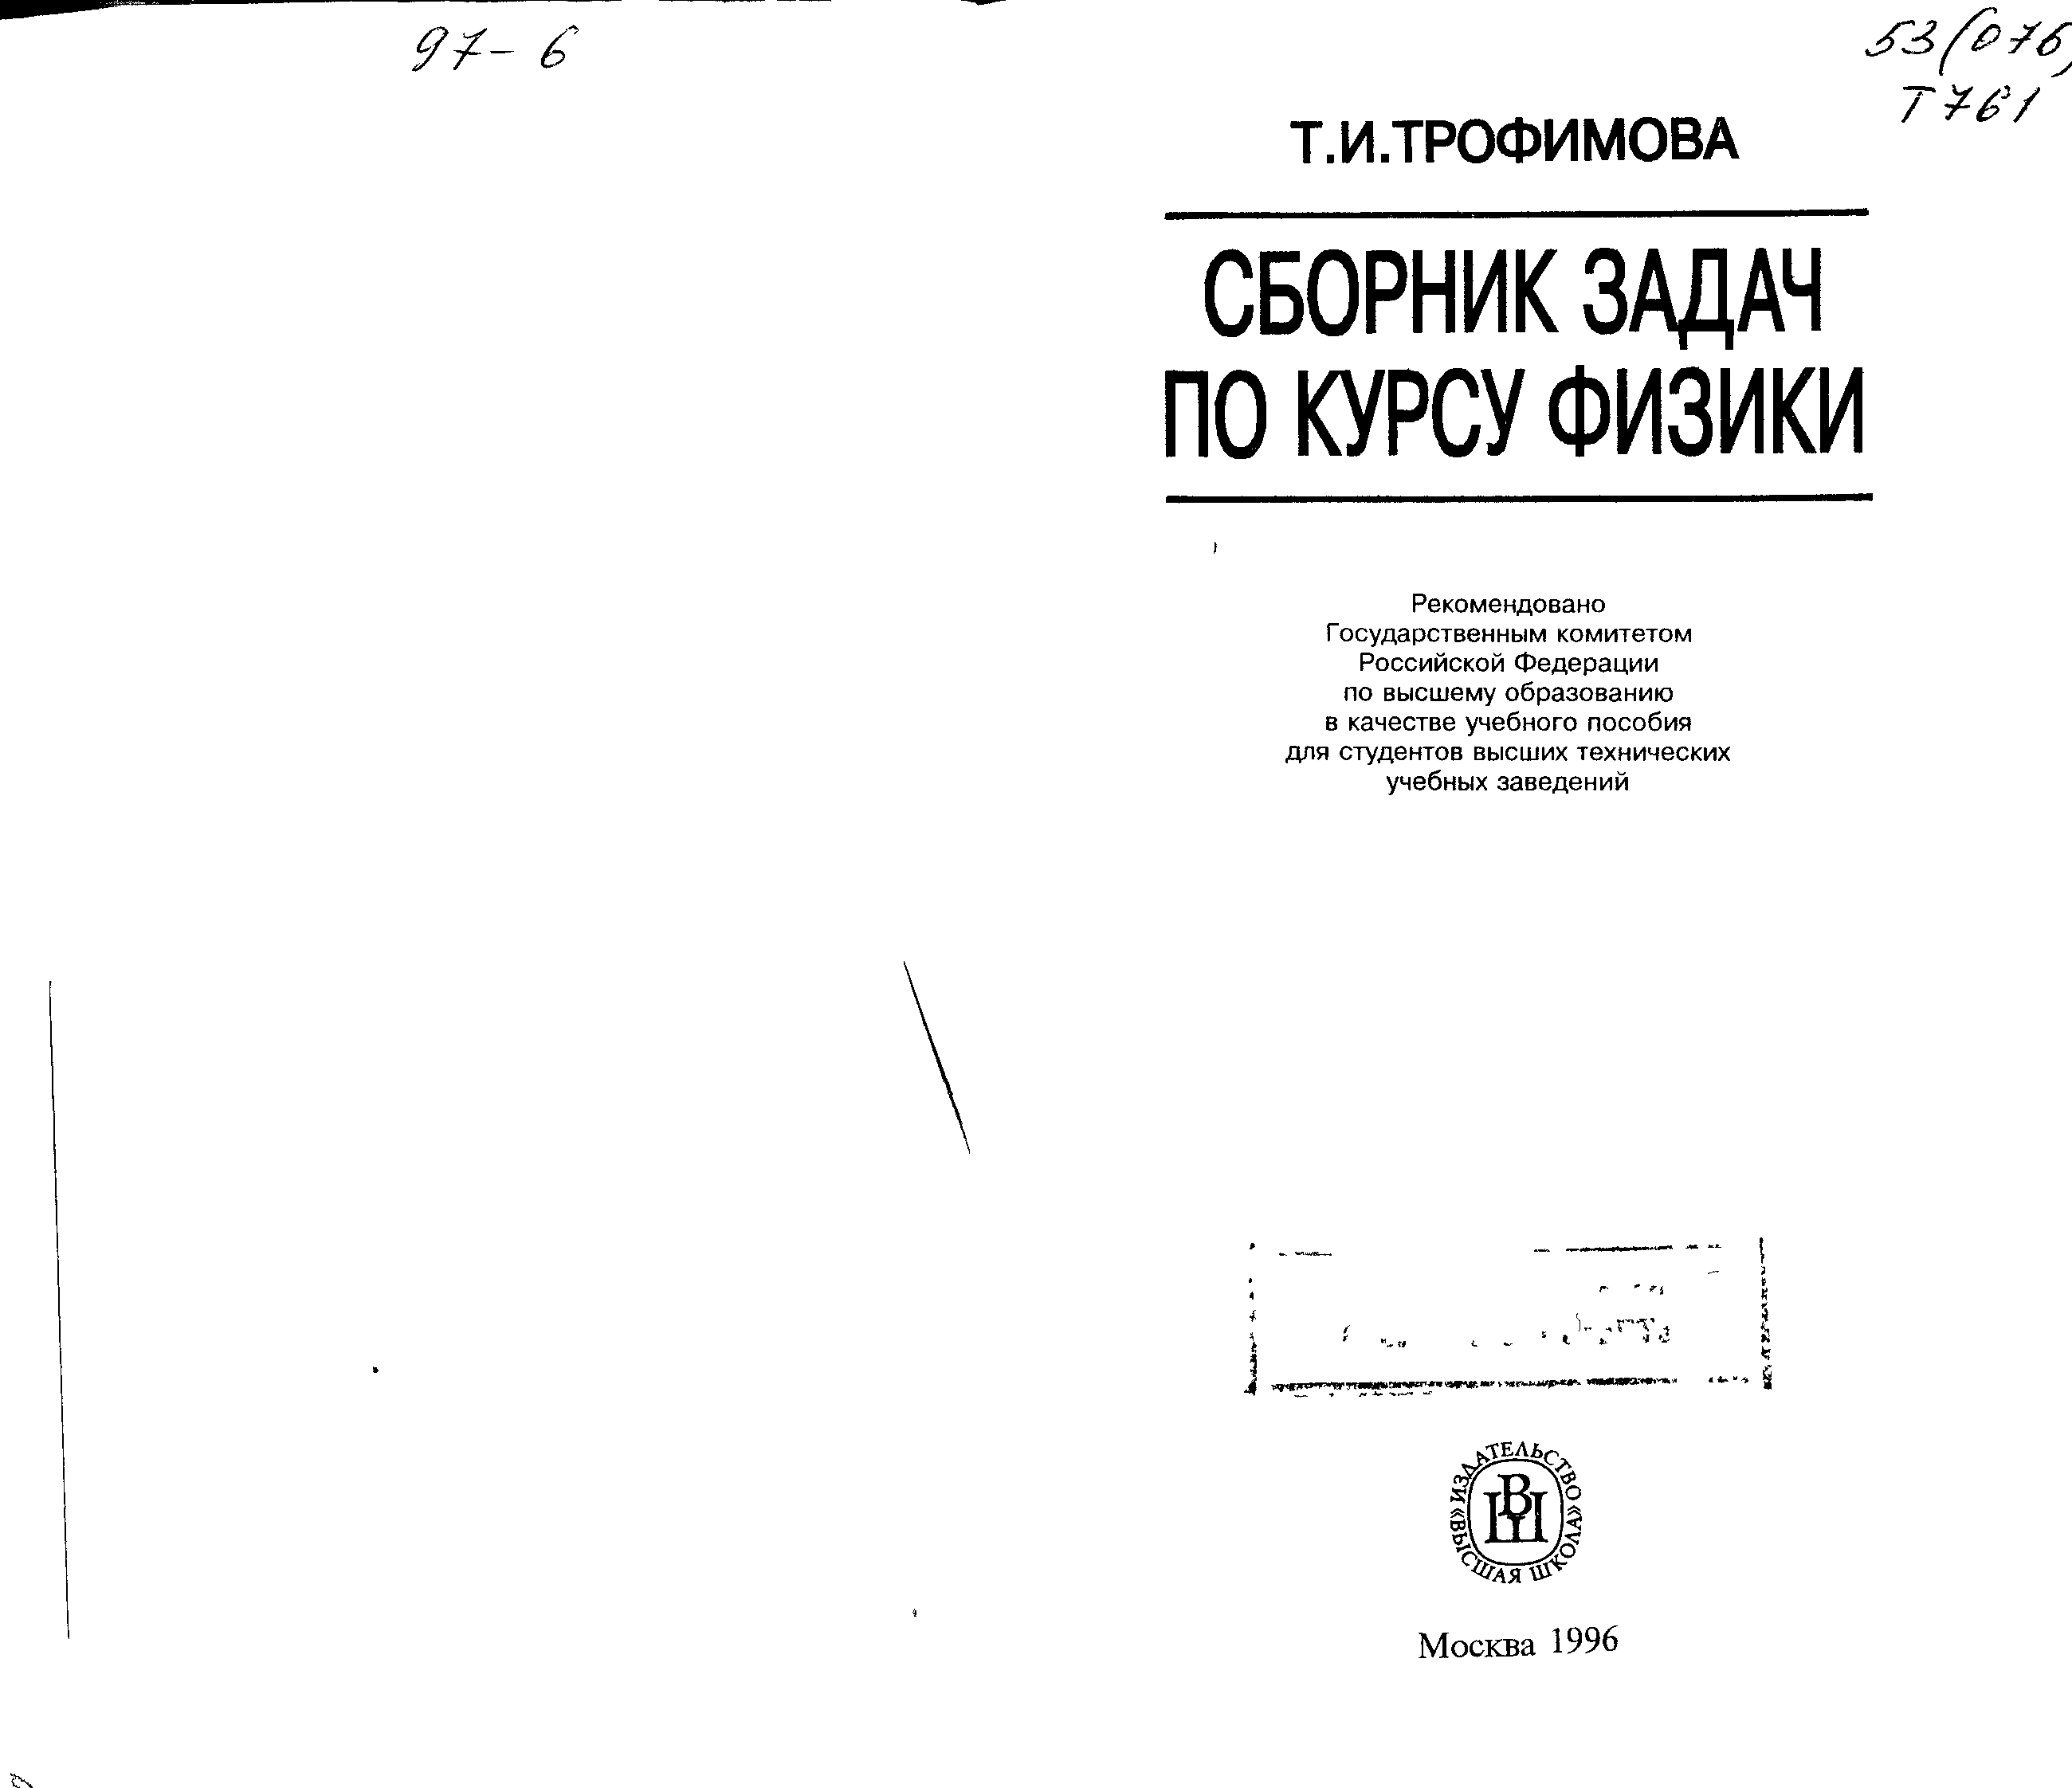 задач общему физики решебник курсу трофимова по сборник